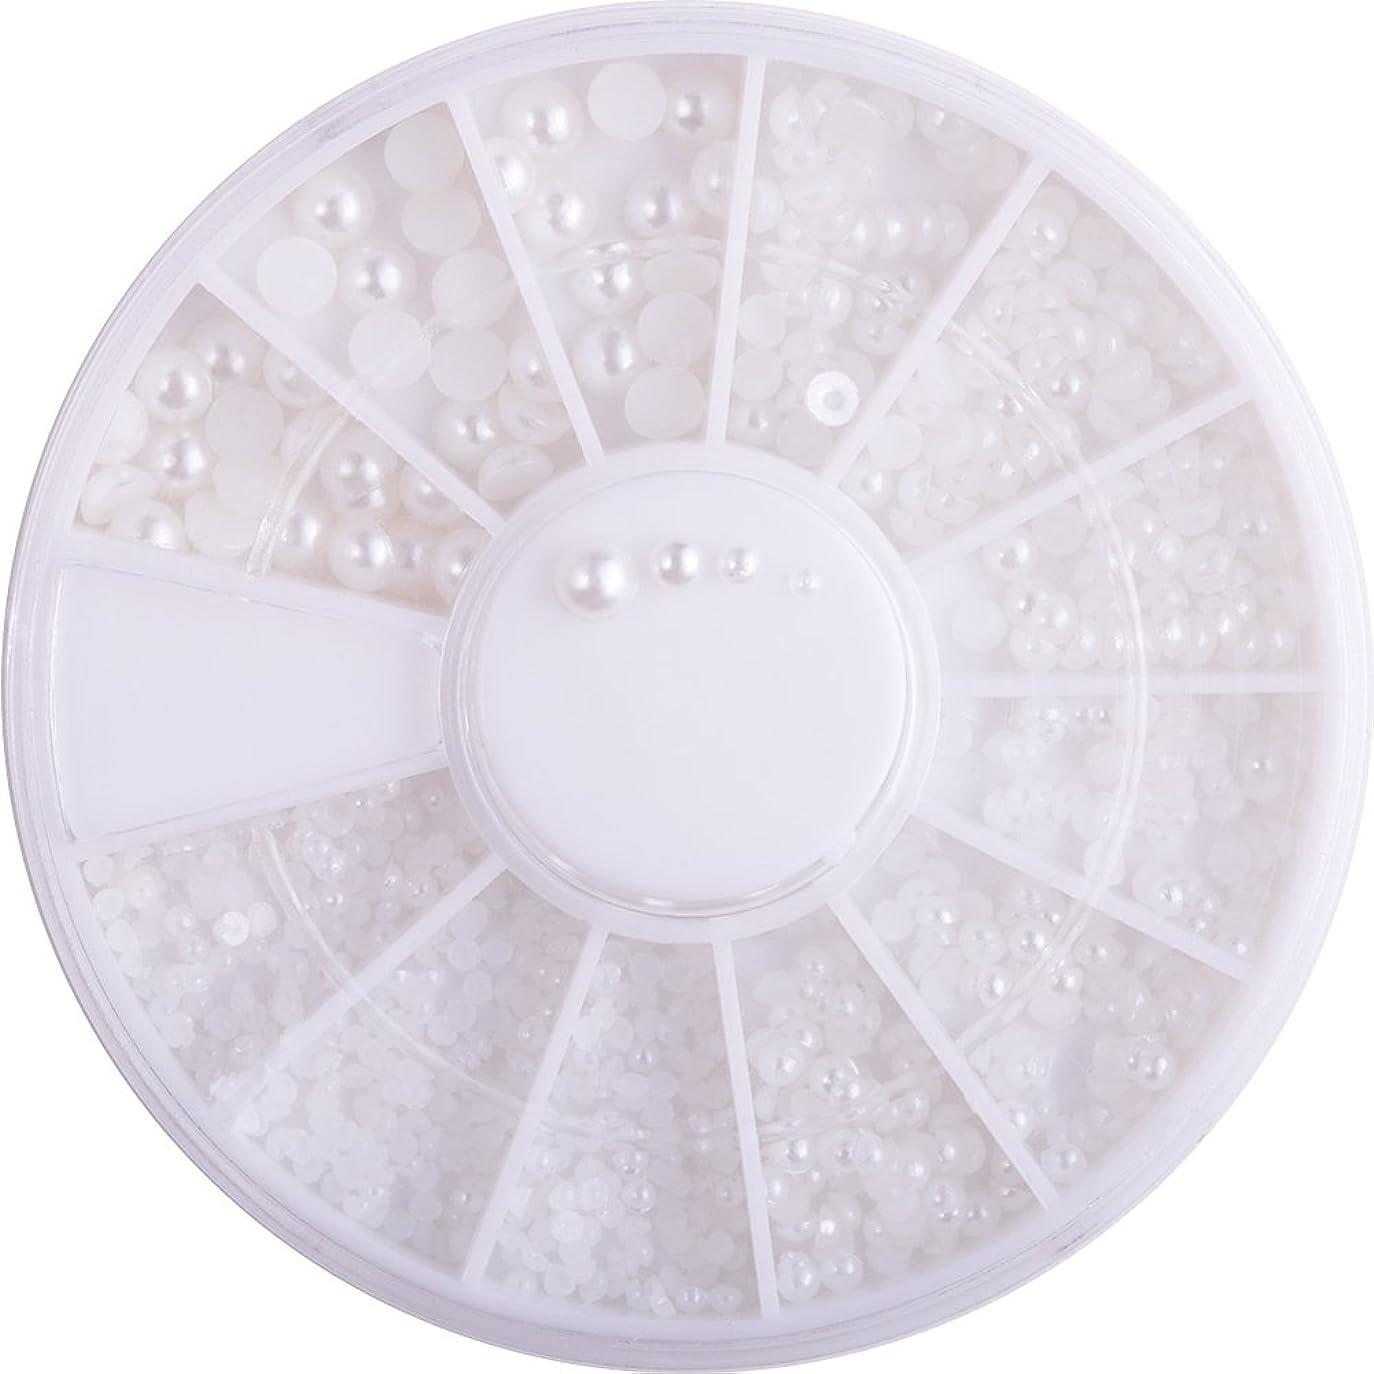 器具手首やがてユニークモール(UniqueMall)半円パール ホワイト ネイル デコ用 1.5mm,2mm,2.5mm,3mm ラウンドケース入 ネイルアートパーツ ネイル用品